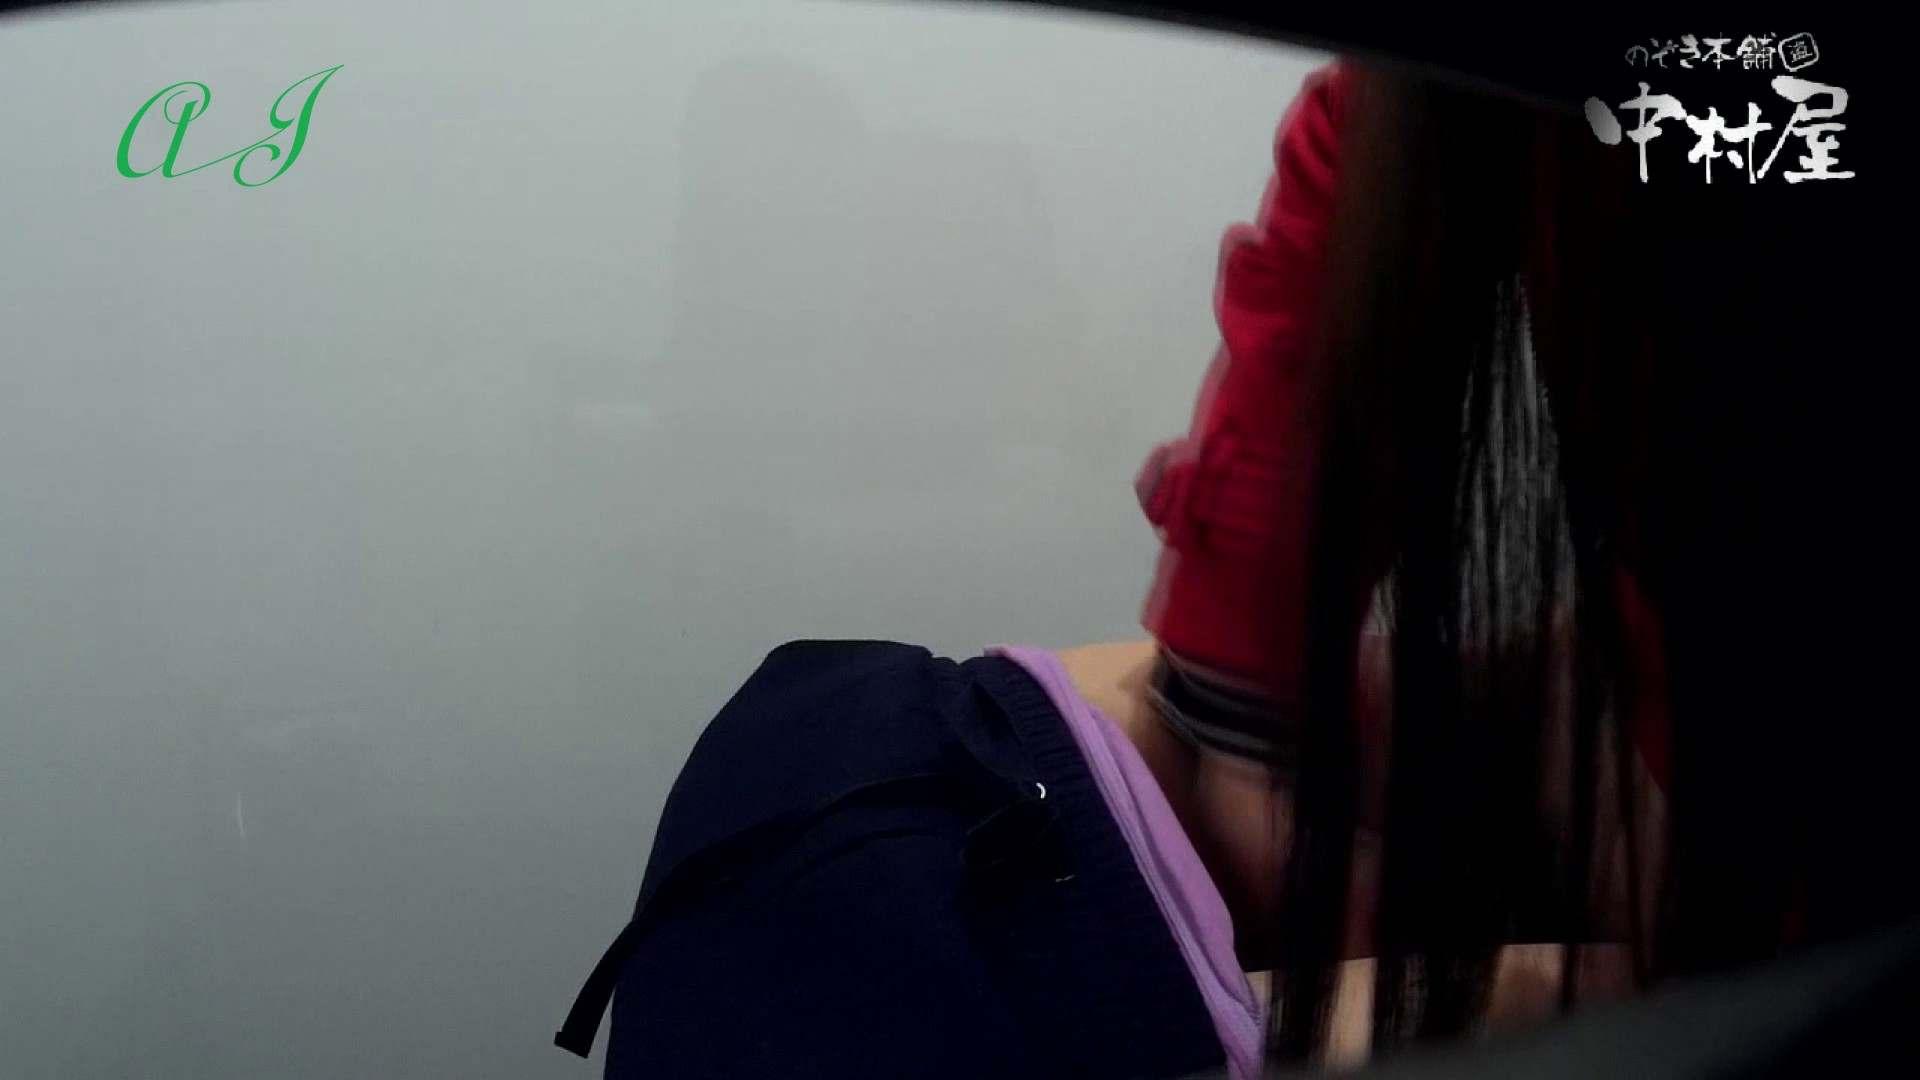 有名大学女性洗面所 vol.59 新アングル追加!相変わらずの美女率!! 洗面所編 おめこ無修正動画無料 109PIX 22